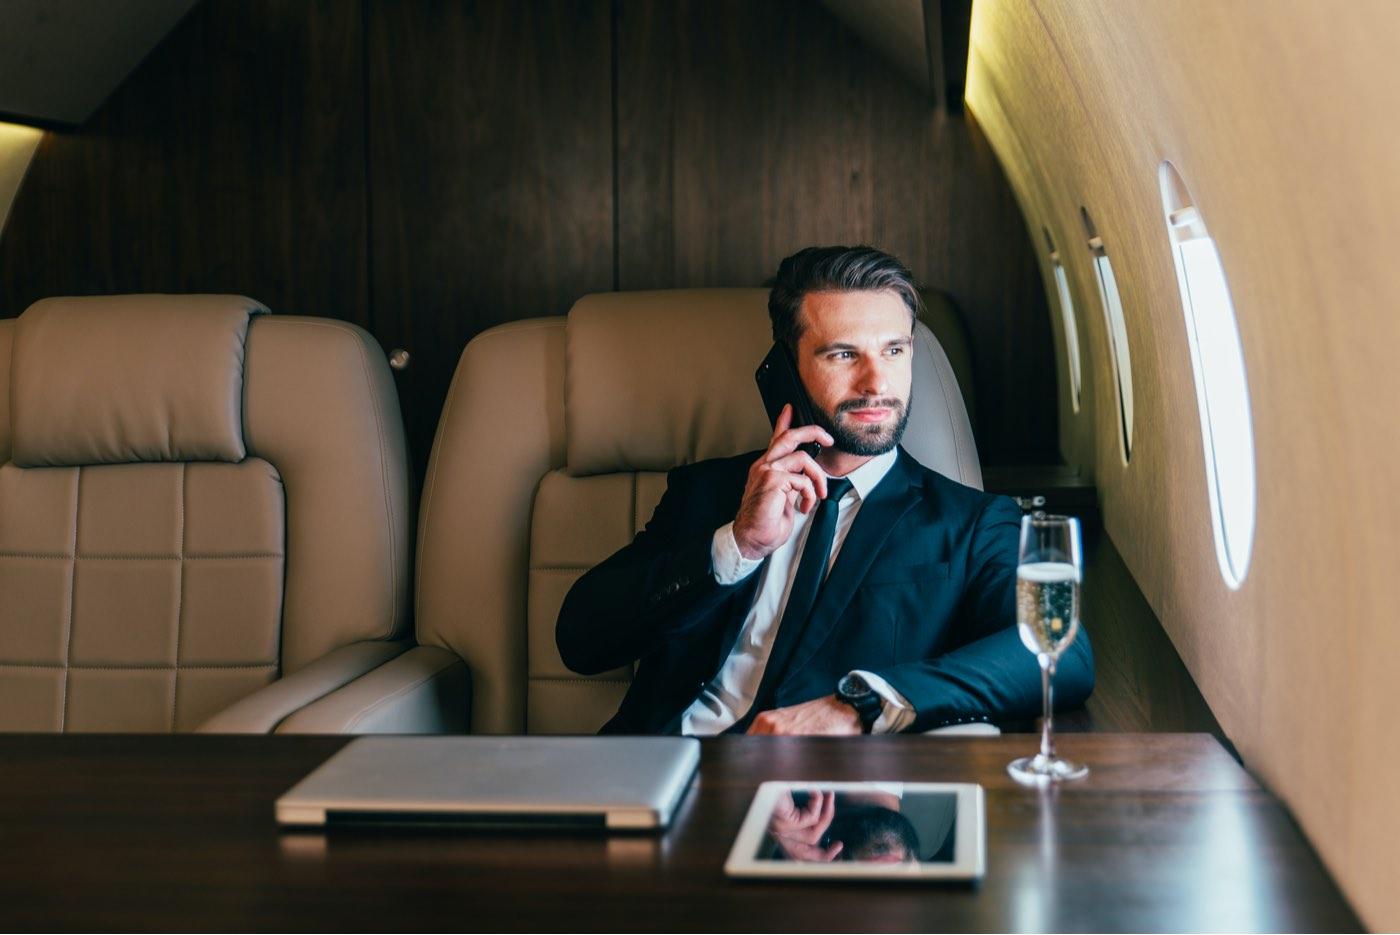 ¿Cómo ganará su fortuna el primer billonario del mundo?